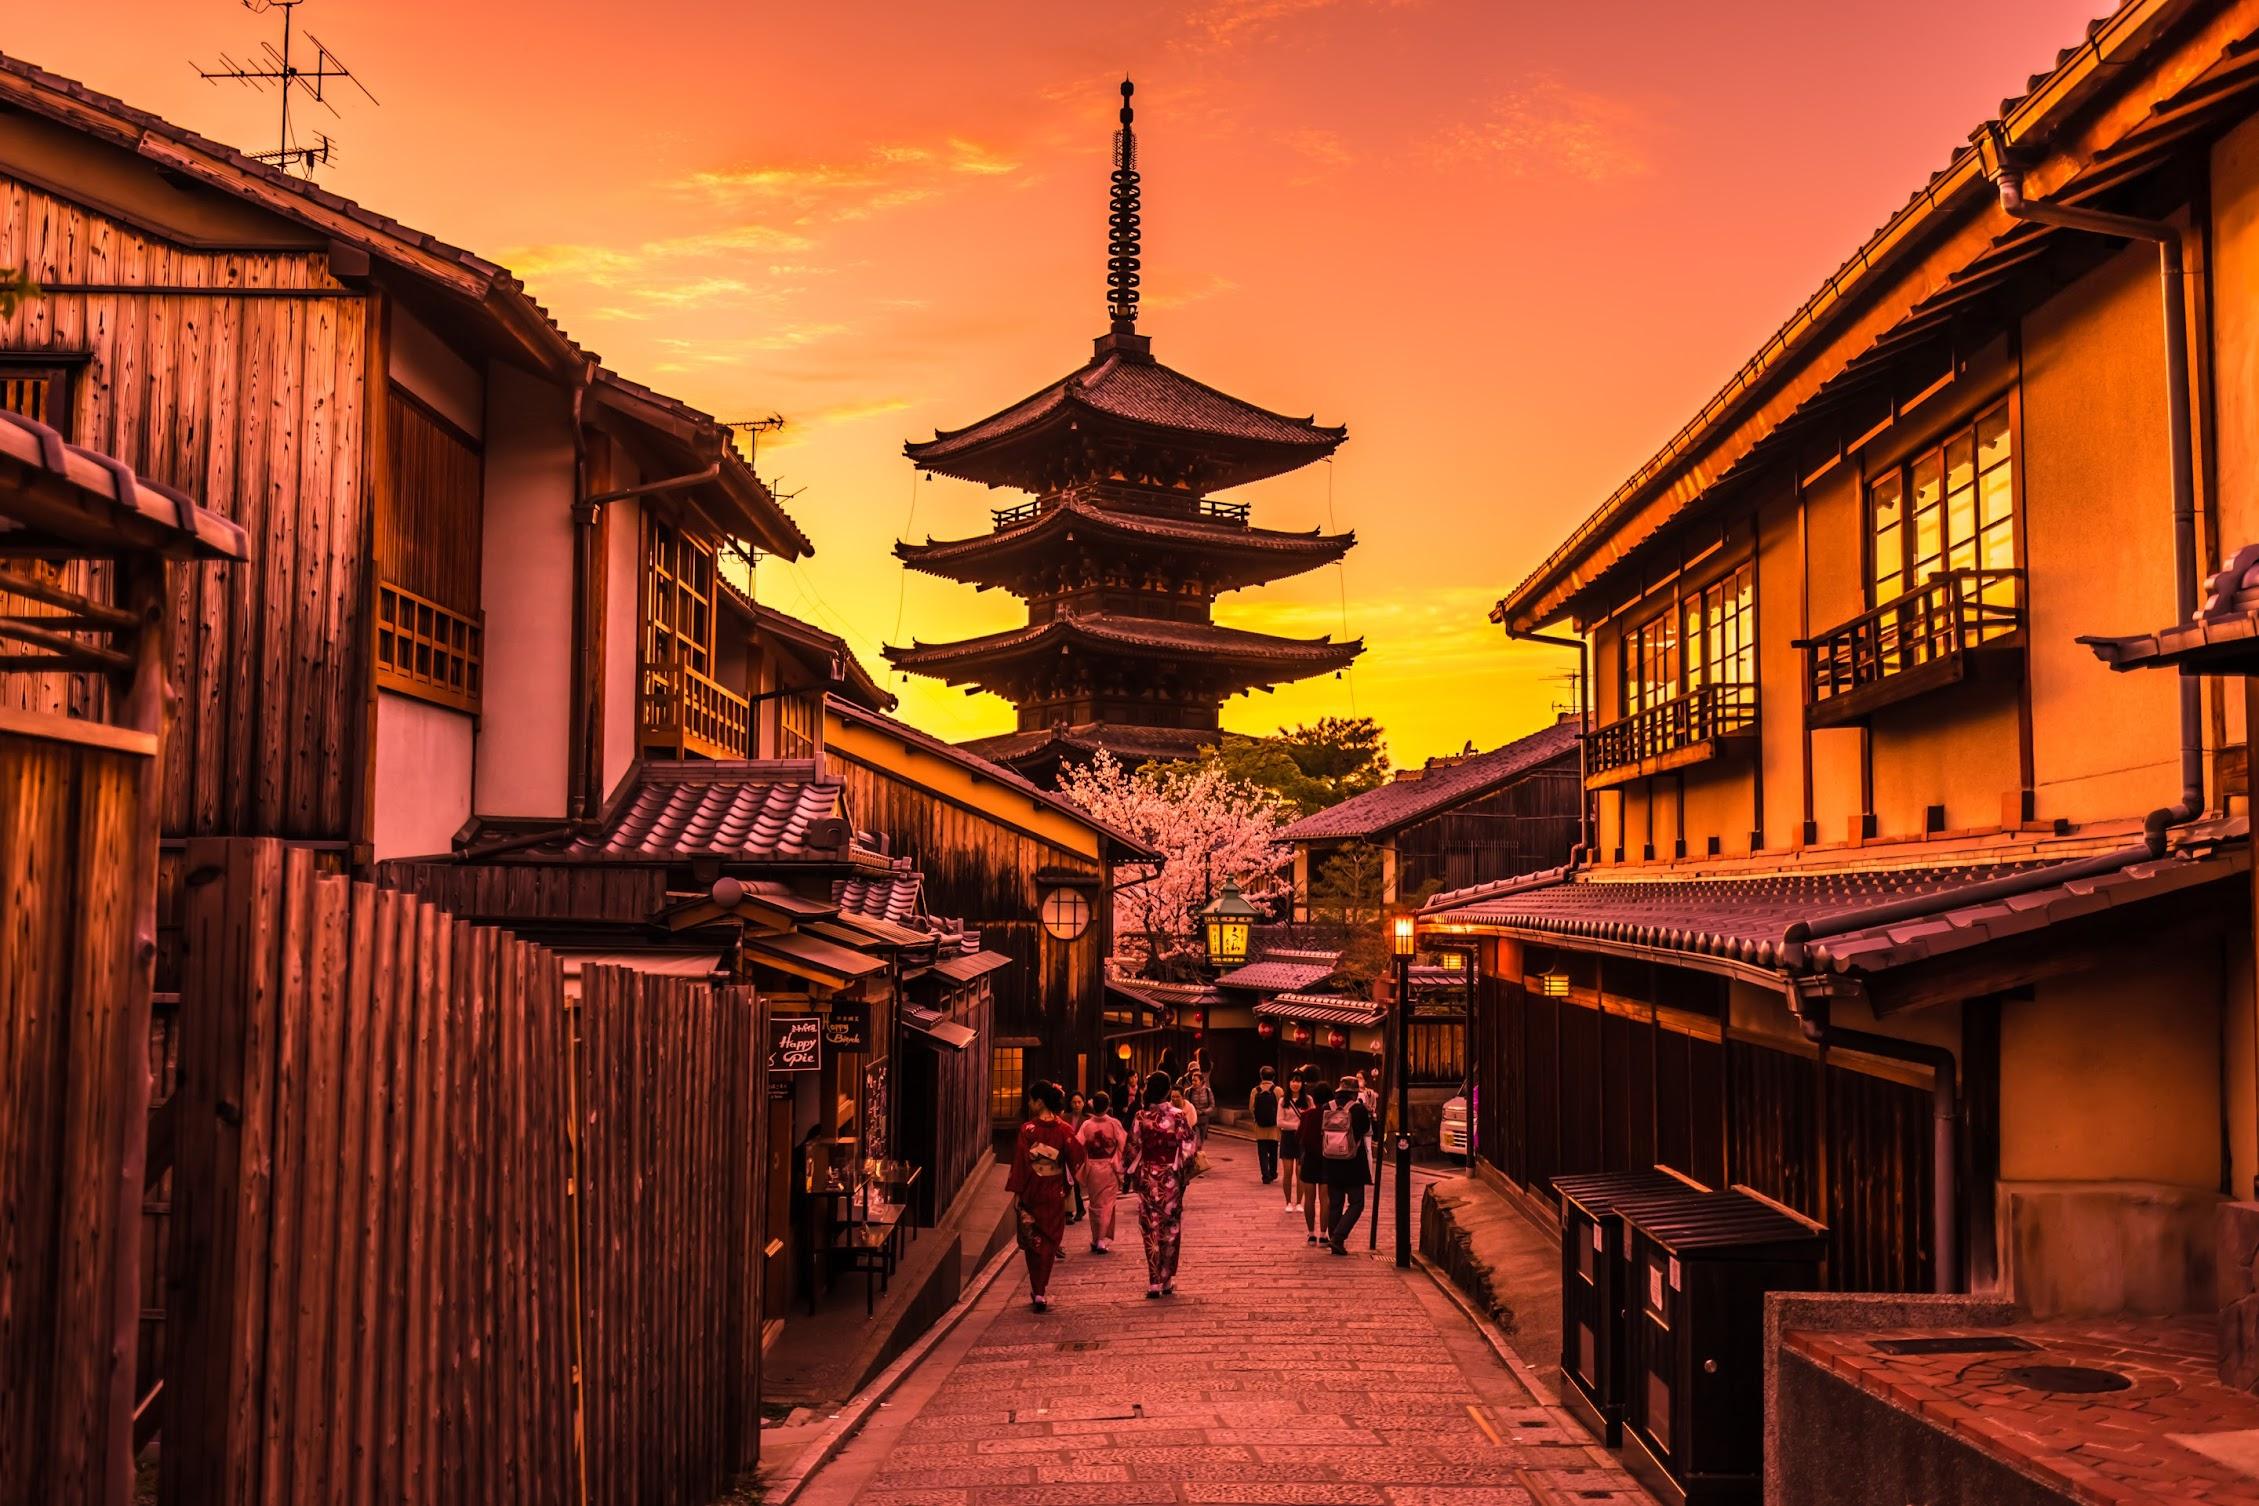 京都 八坂の塔 夕景2